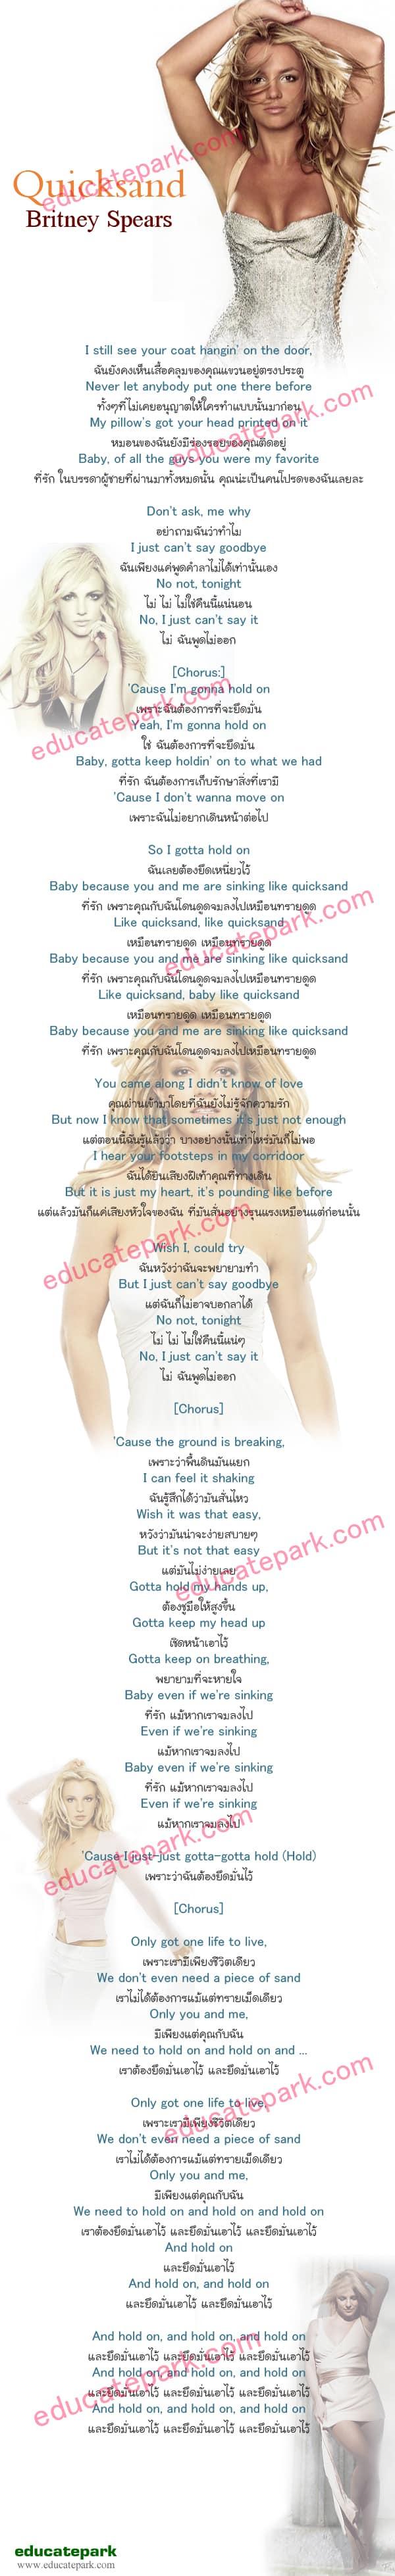 แปลเพลง Quicksand - Britney Spears